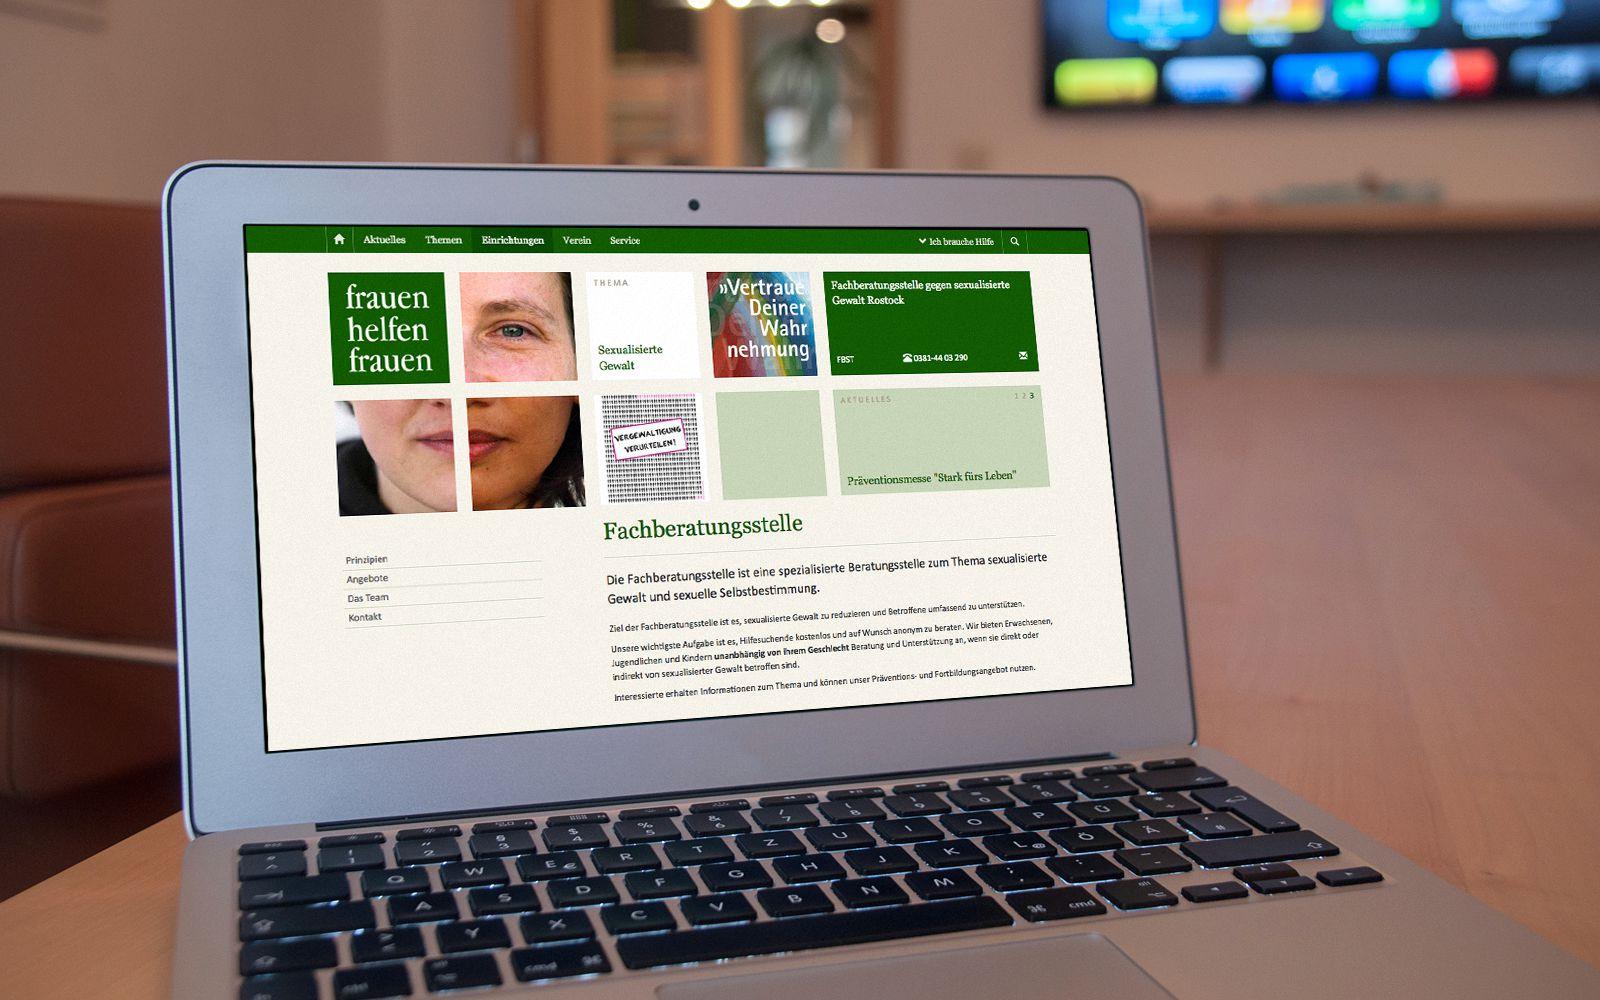 FHF_Website_Einrichtung_MacBook